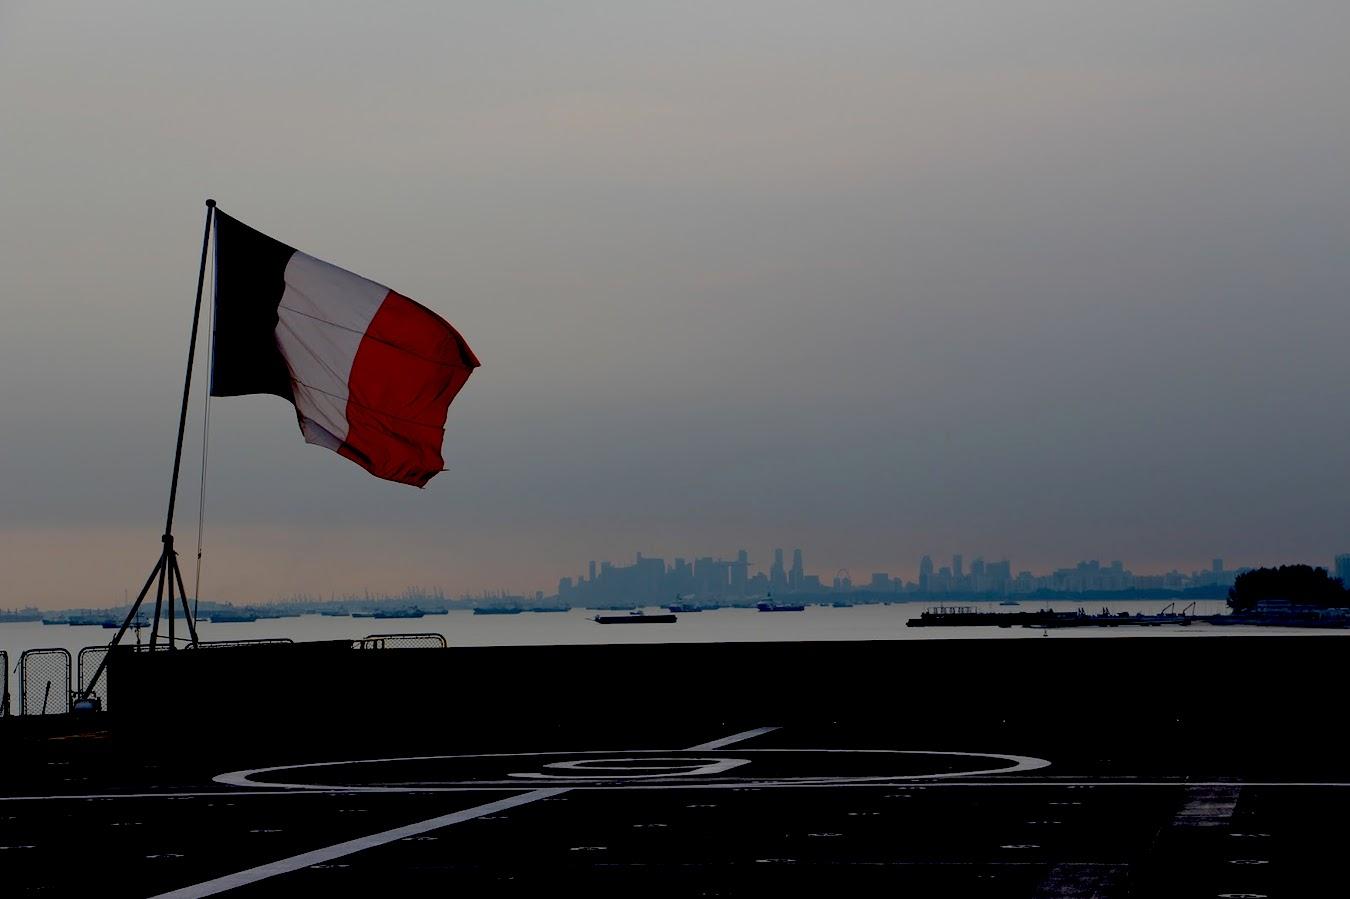 Asie-Pacifique : Mission Jeanne d'Arc 2017 de la Marine française — Crédit photo © Marine Nationale française.